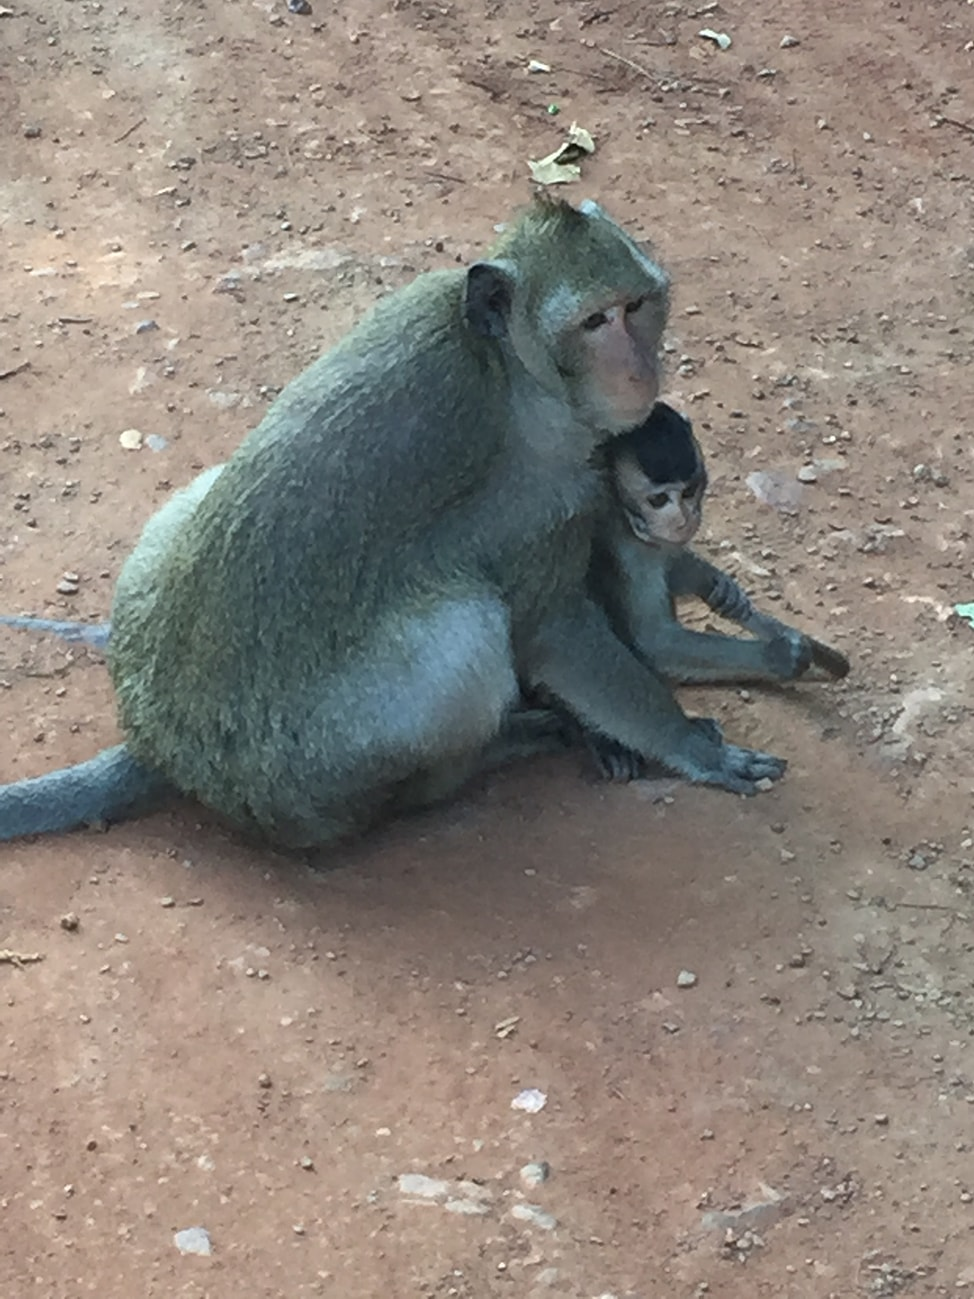 Image of mama and baby macaque at Angkor Wat